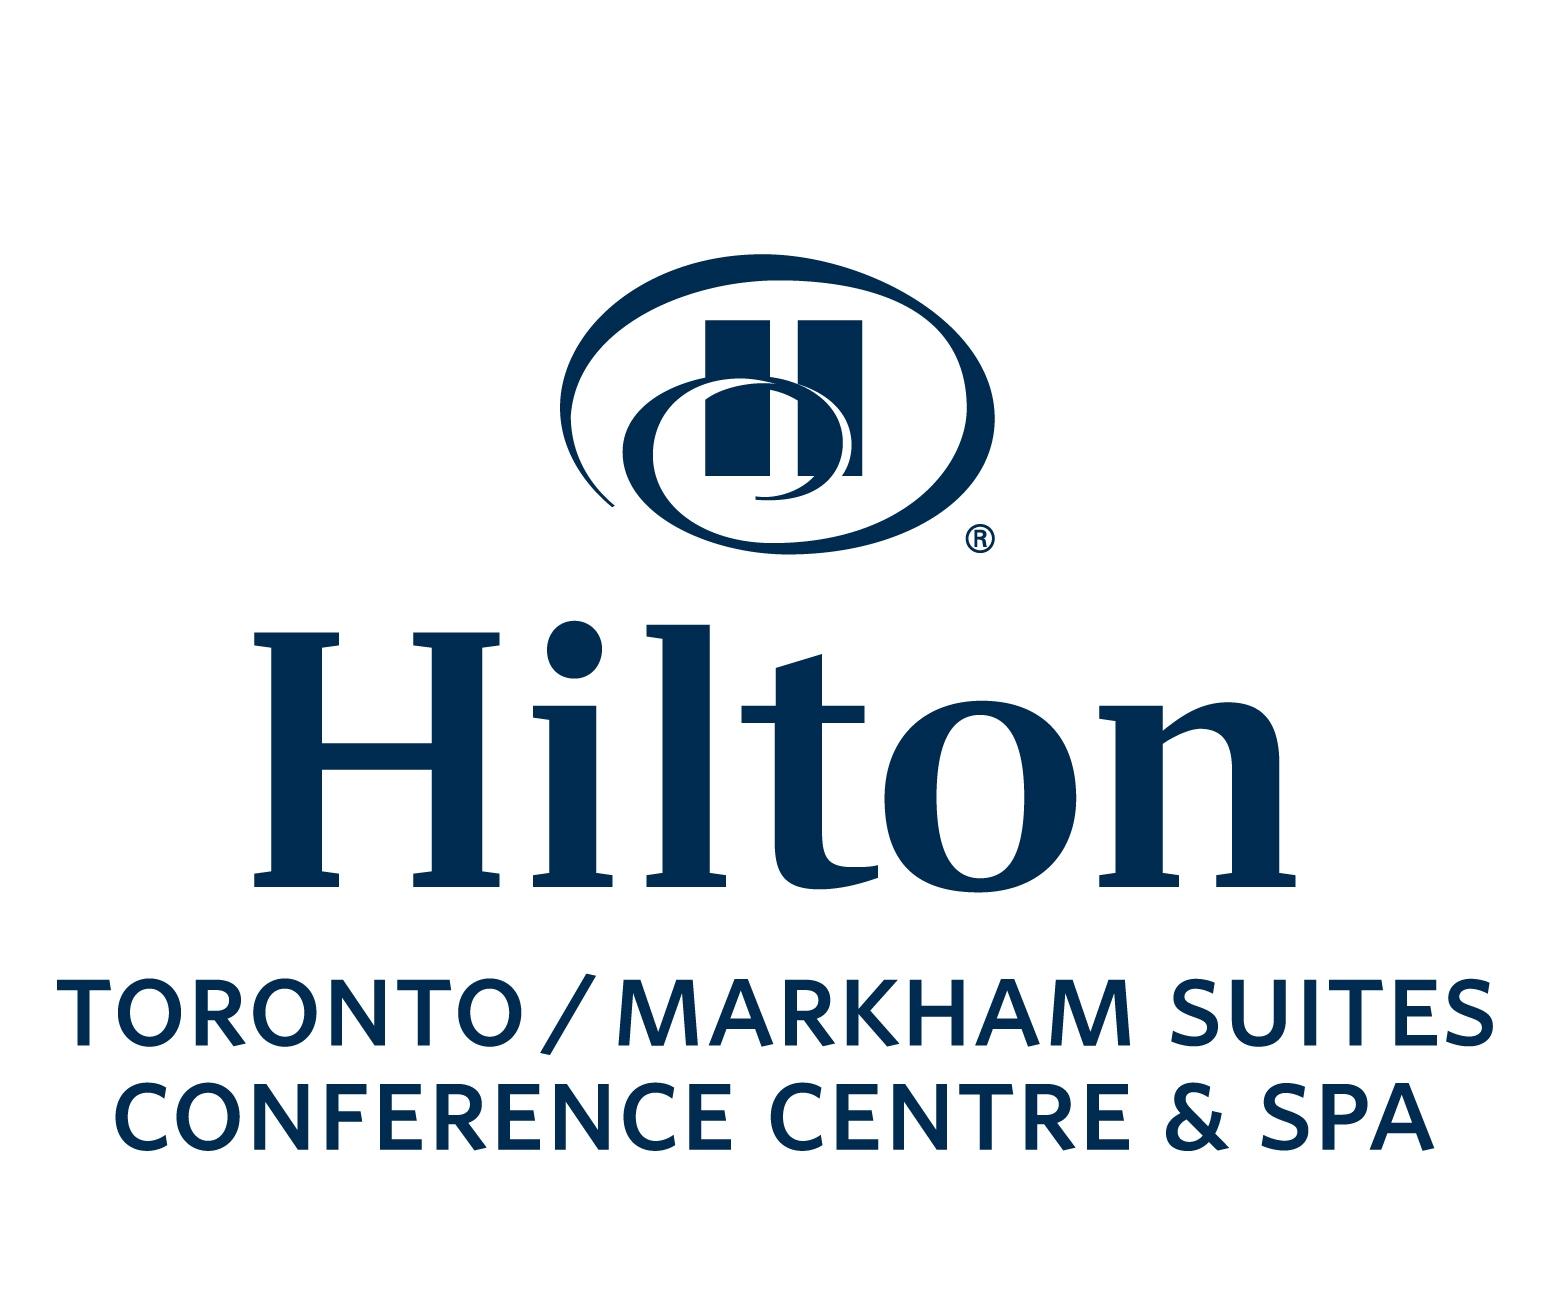 Hilton_Toronto_Markham_CCS_RGB_4C.JPG (278 KB)